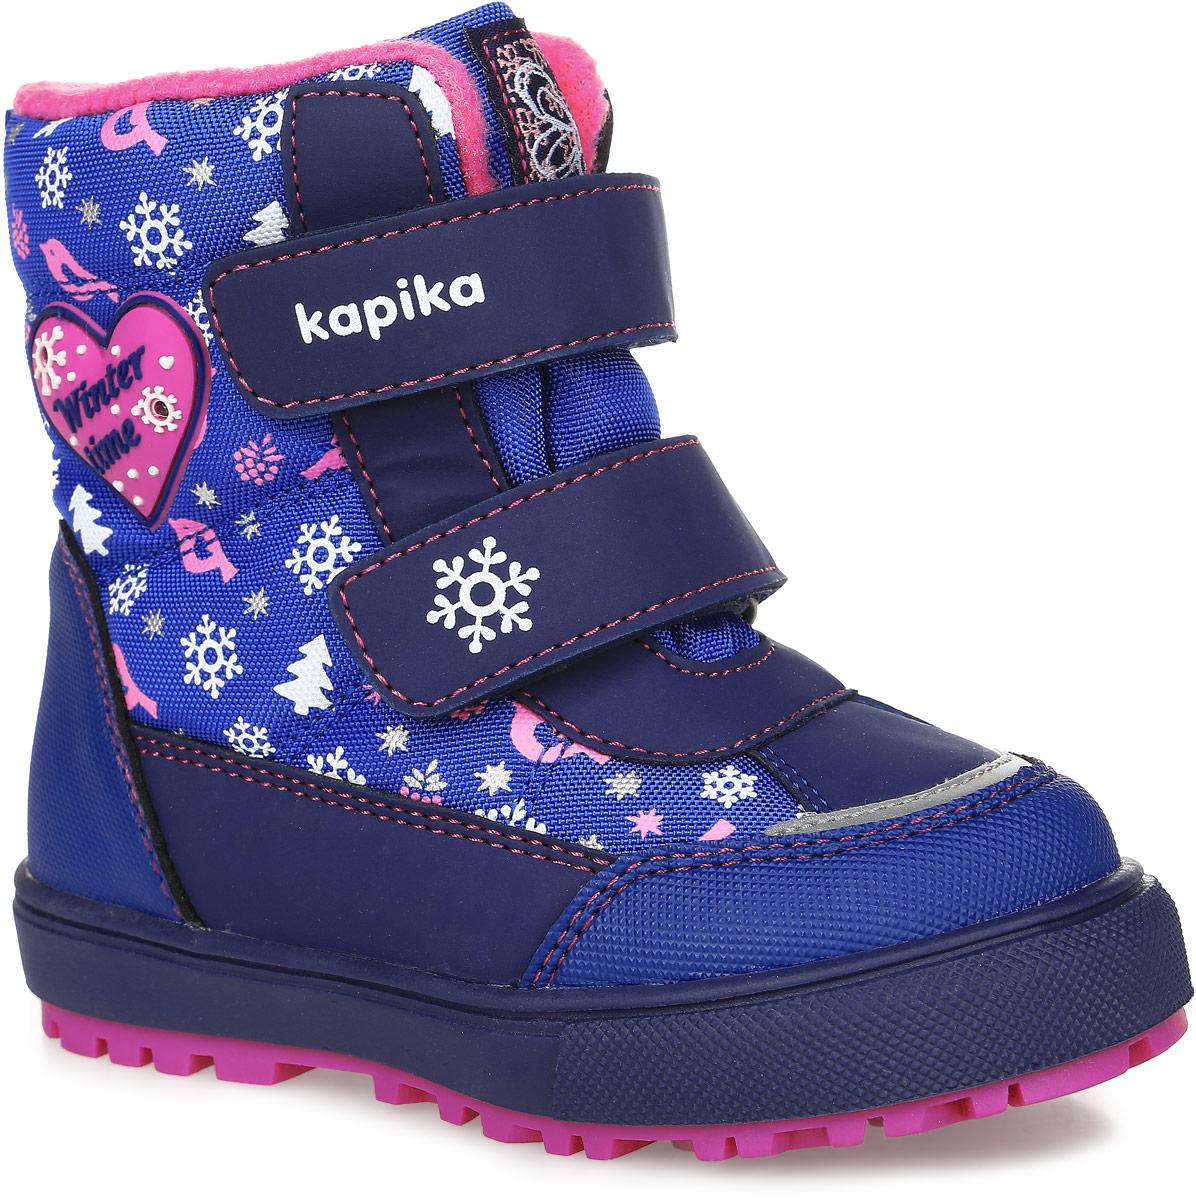 41179-2Ботинки от Kapika придутся по душе вашей девочке. Модель идеально подходит для зимы, сохраняет комфортный микроклимат в обуви как при ношении на улице, так и в помещении. Верх обуви изготовлен из искусственной кожи со вставками из водонепроницаемого текстиля, оформленного зимним принтом, язычок и верхний ремешок оформлены фирменным логотипом бренда, боковая сторона - аппликацией с надписью. Два ремешка на застежке-липучке надежно зафиксируют изделие на ноге. Подкладка и стелька изготовлены из шерсти, что позволяет сохранить тепло и гарантирует уют ногам. Подошва с рифлением обеспечивает идеальное сцепление с любыми поверхностями. Такие чудесные ботинки займут достойное место в гардеробе вашего ребенка.